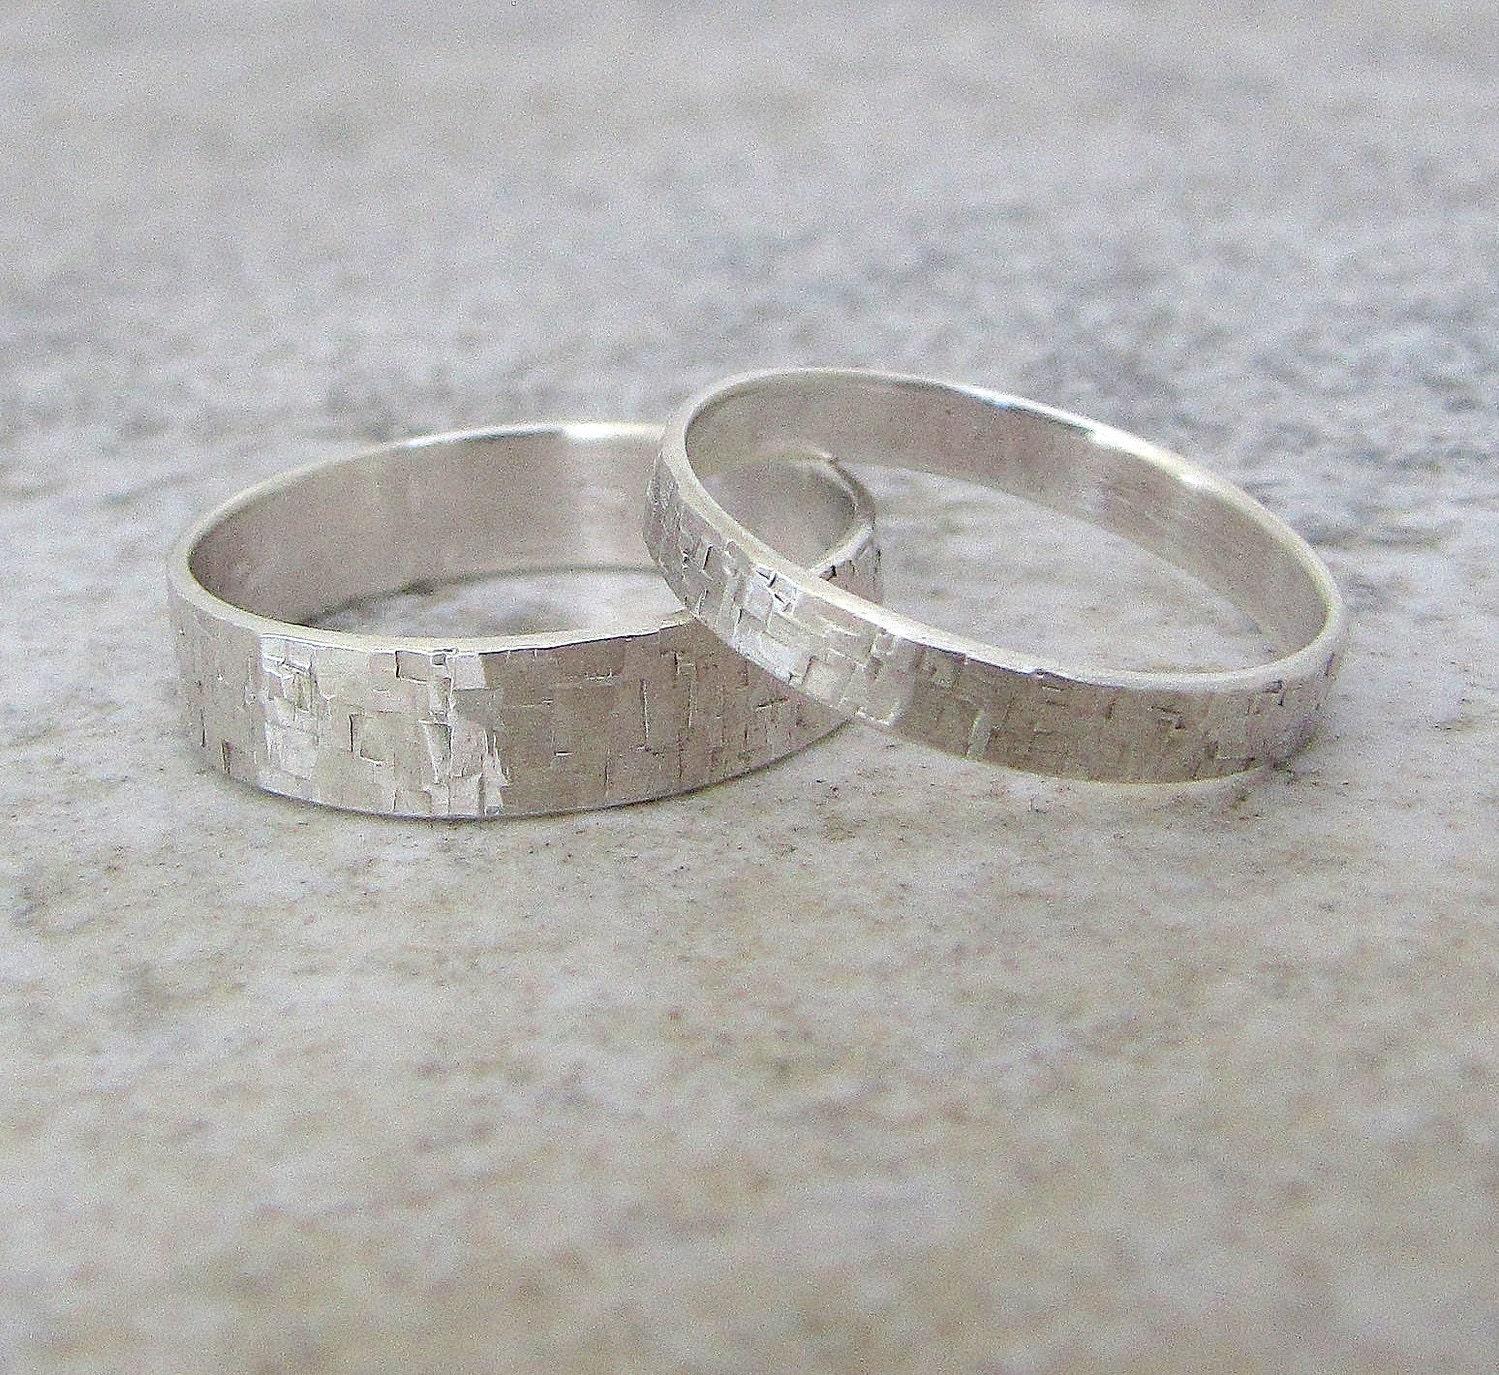 engraved silver wedding bands hammered silver wedding rings. Black Bedroom Furniture Sets. Home Design Ideas